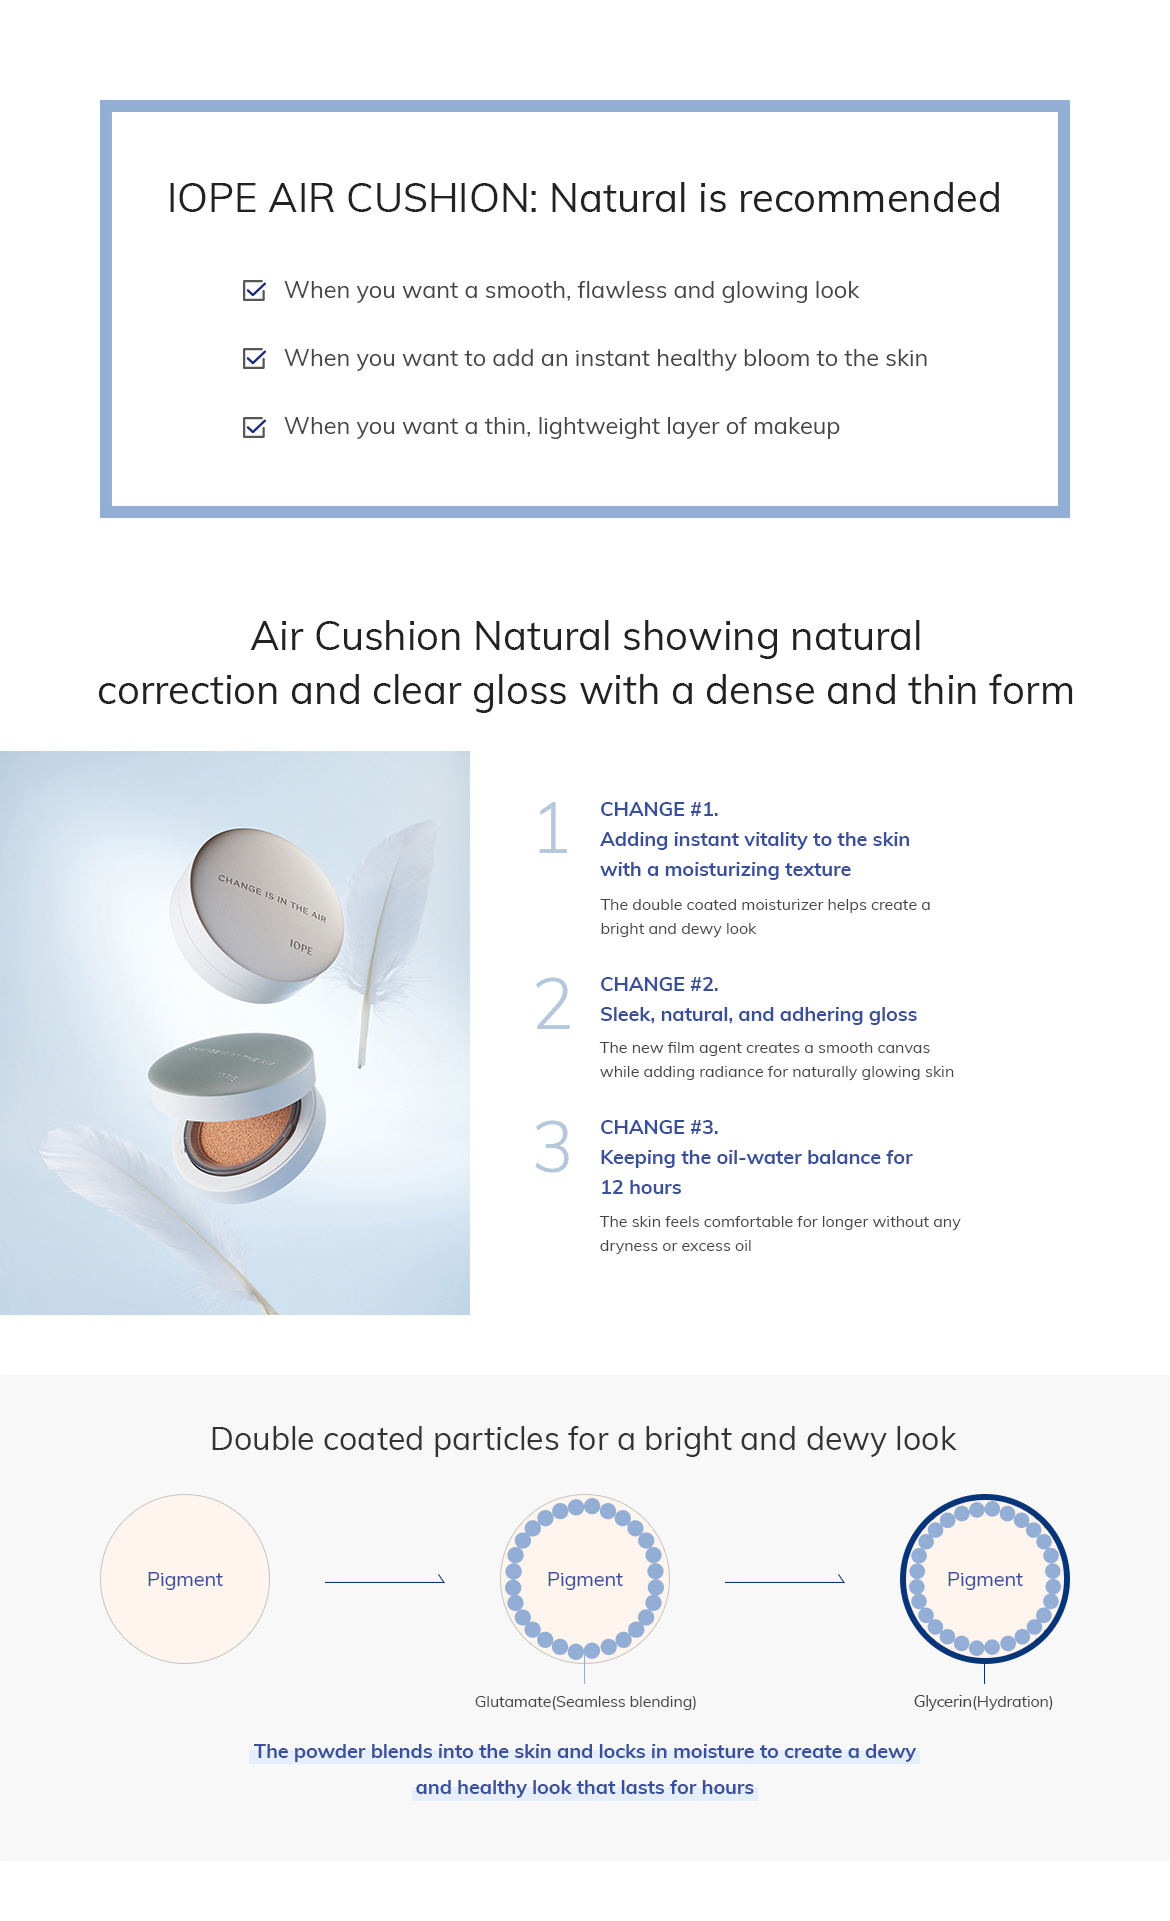 air-cushion-natural_img01